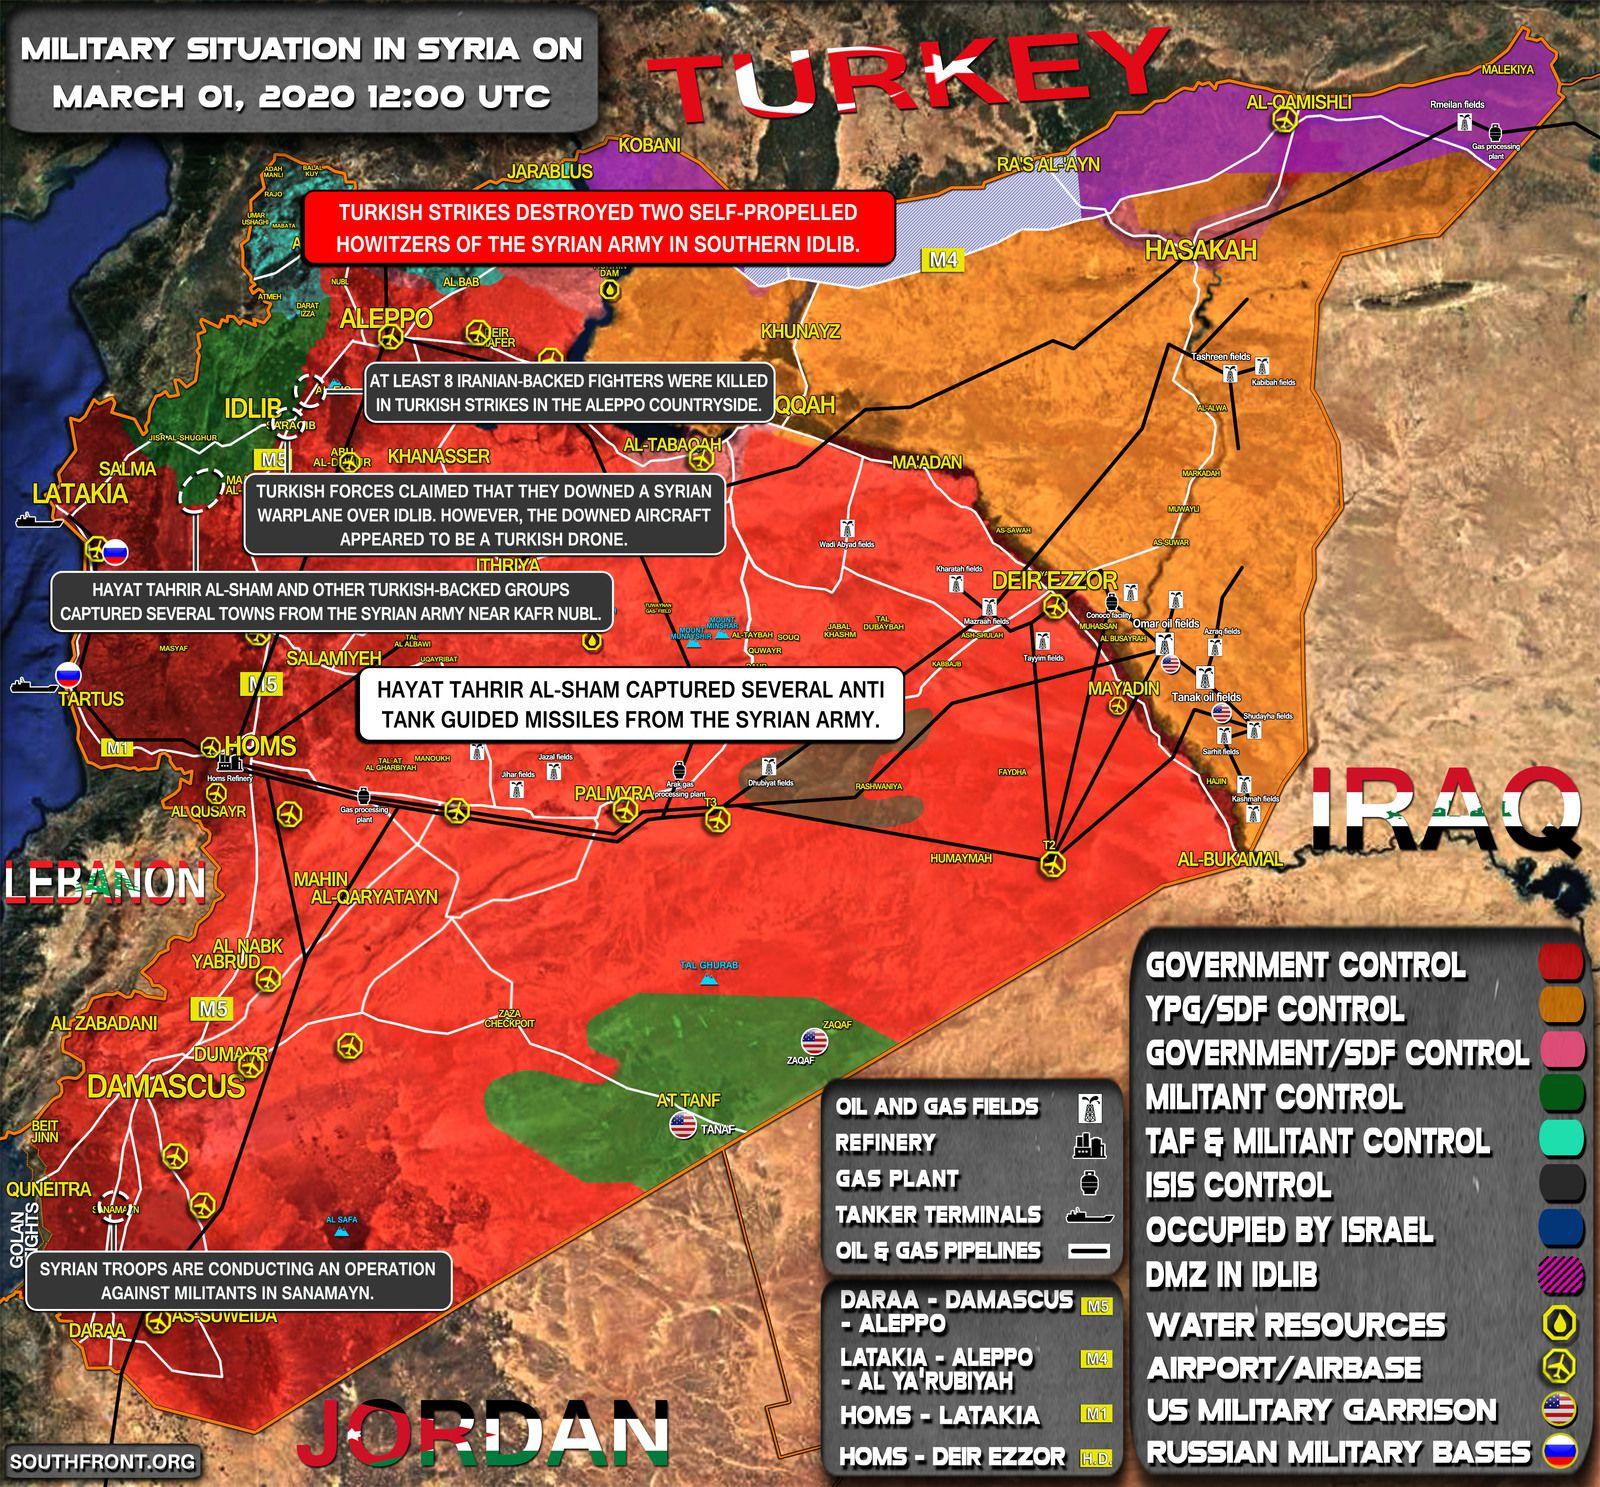 Situation militaire en Syrie au 1er mars 2020 (Southfront)